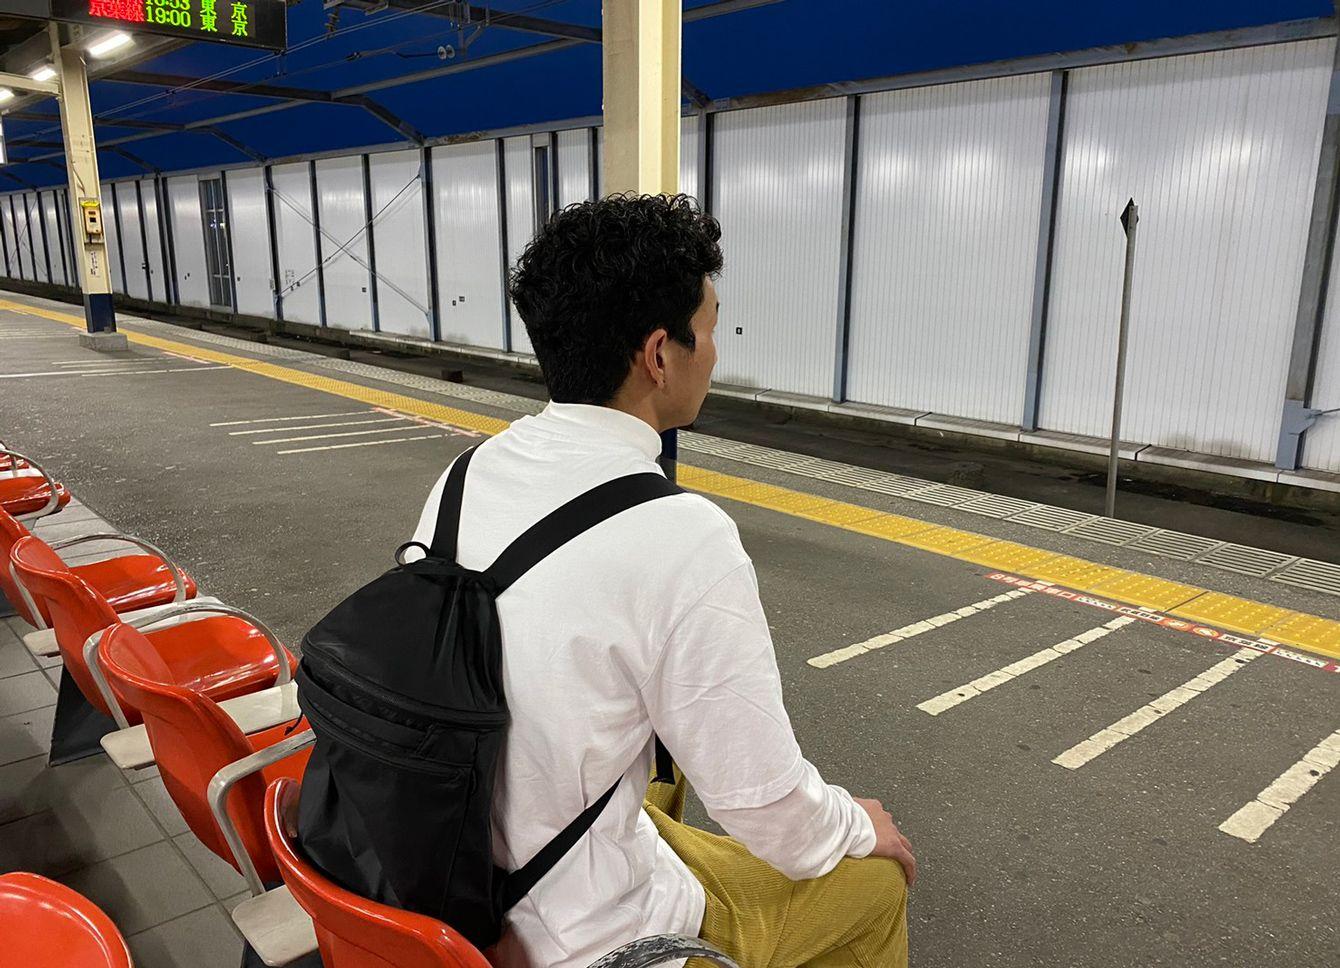 【某IT企業】日本初?リモート研修中にクビになった、法政大卒新入社員の末路 画面越しに「君はマナーが悪い」